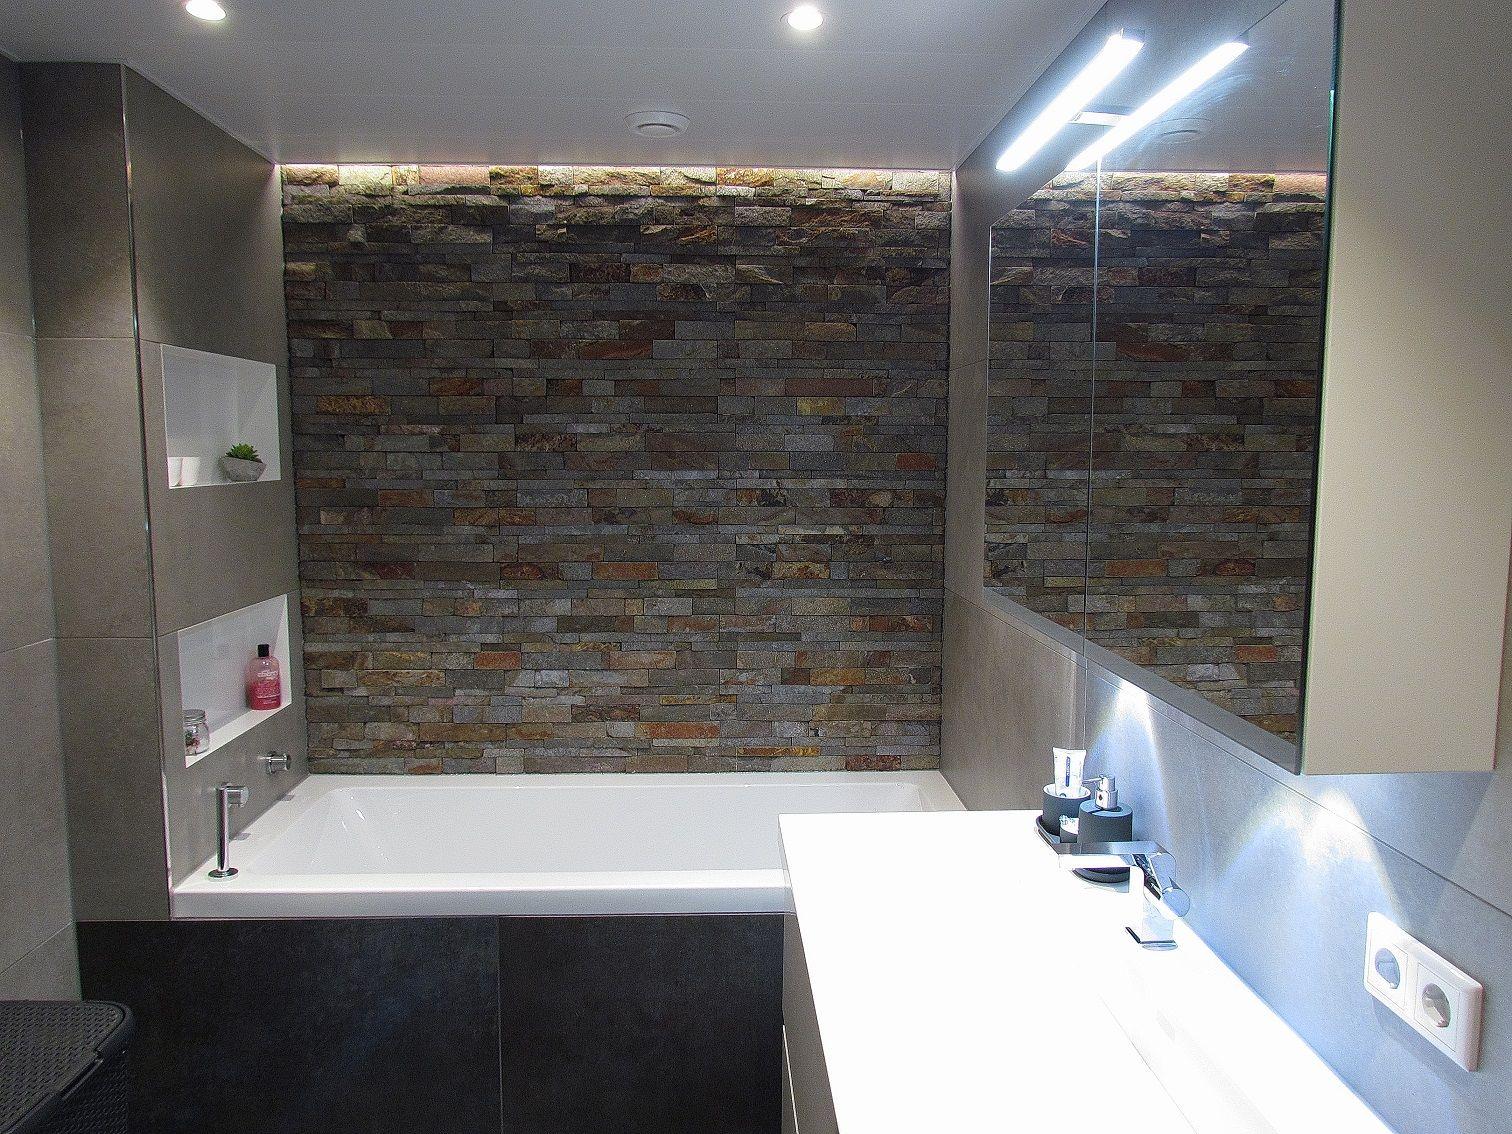 Mooie Badkamers Fotos : Het afgelopen jaar hebben we weer veel mooie badkamers opgeleverd